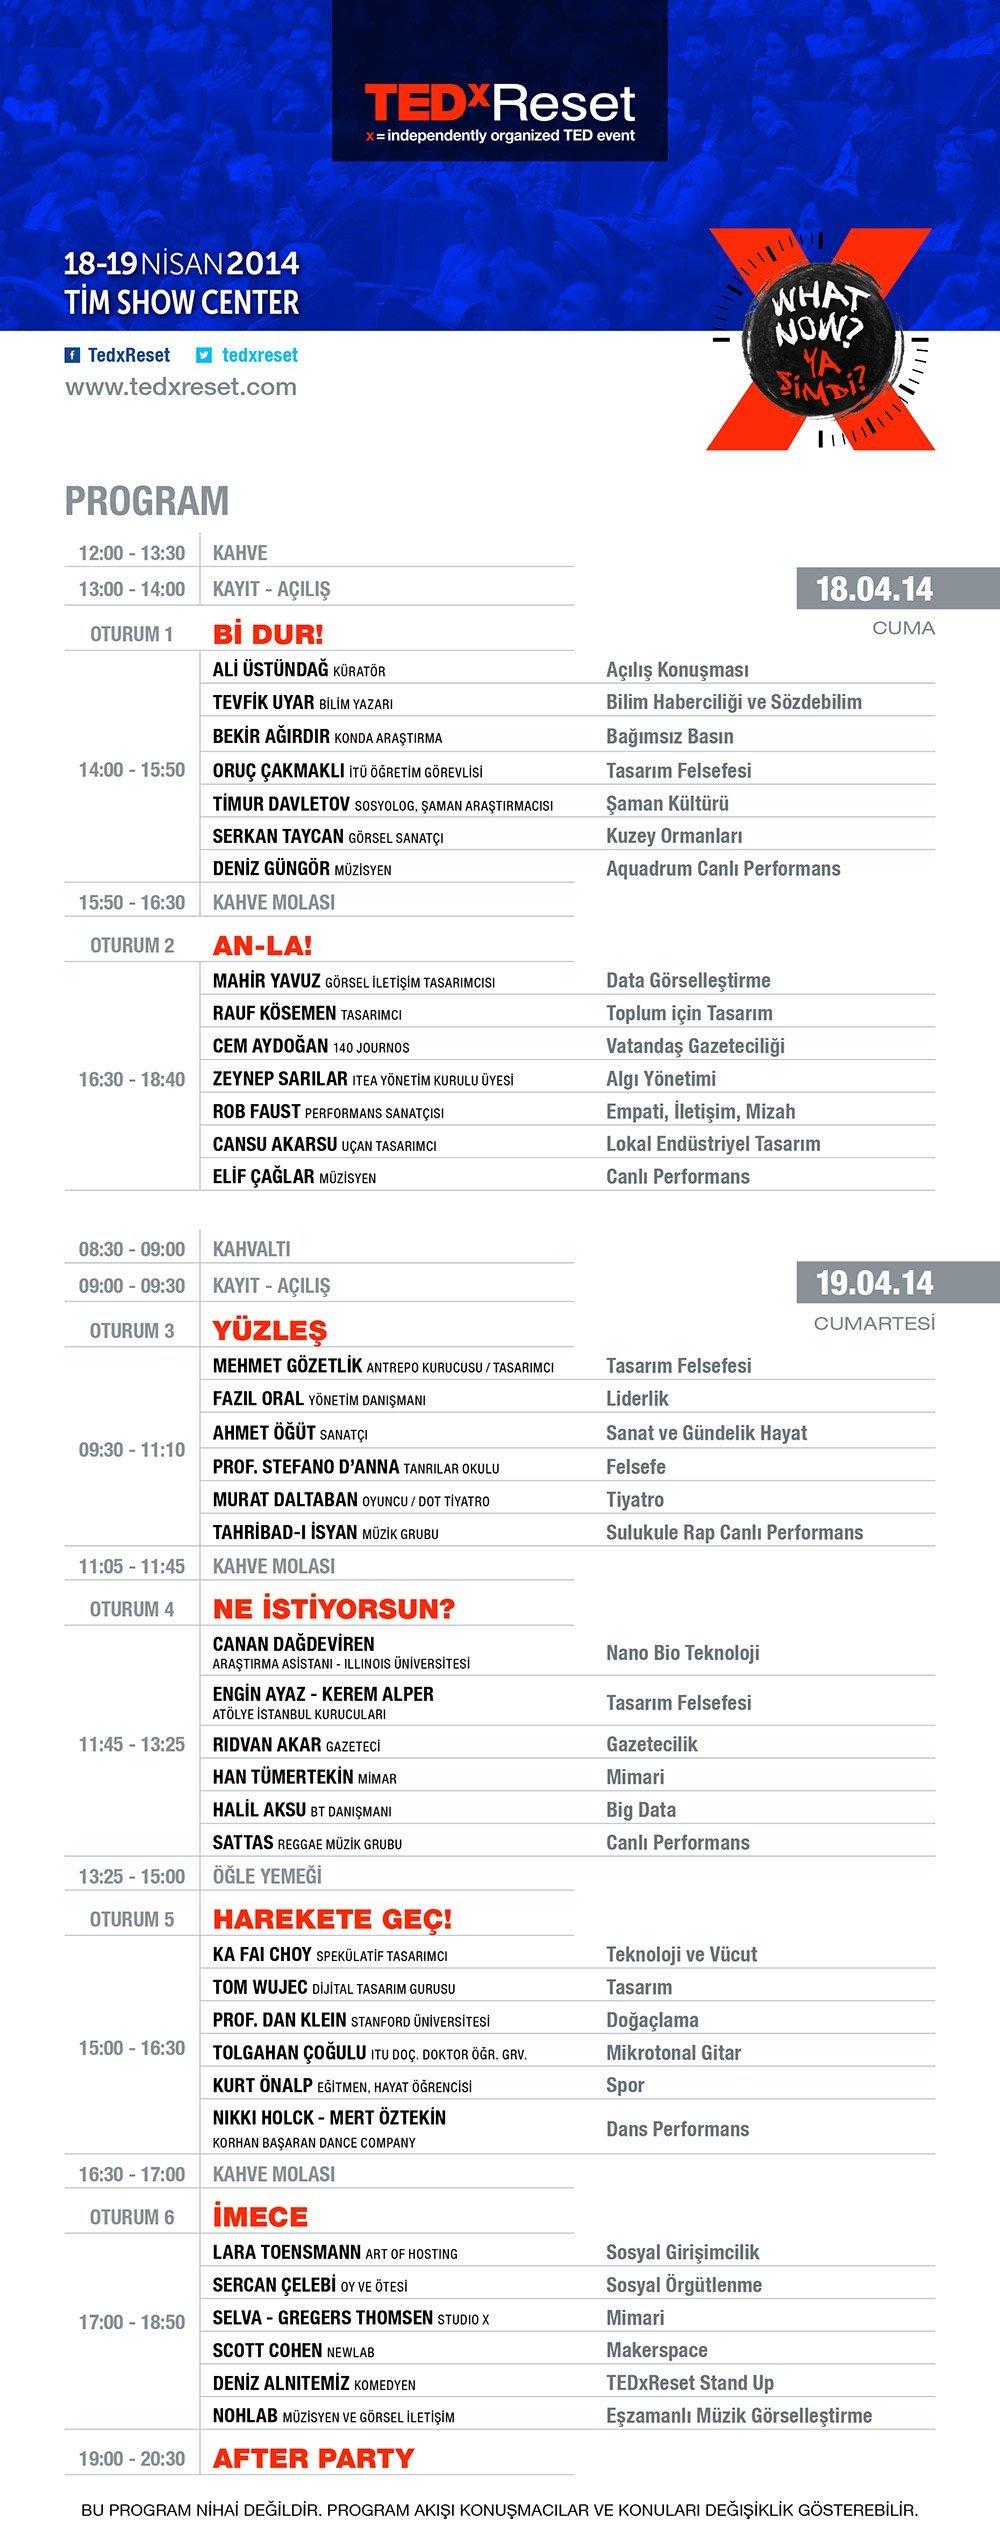 TEDxReset 2014 programı